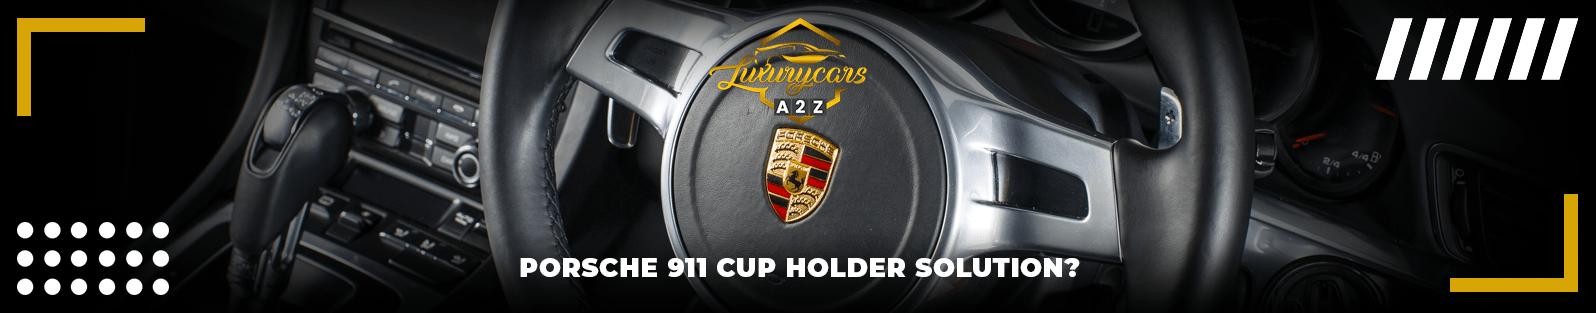 Solution pour le porte-gobelet d'une Porsche 911